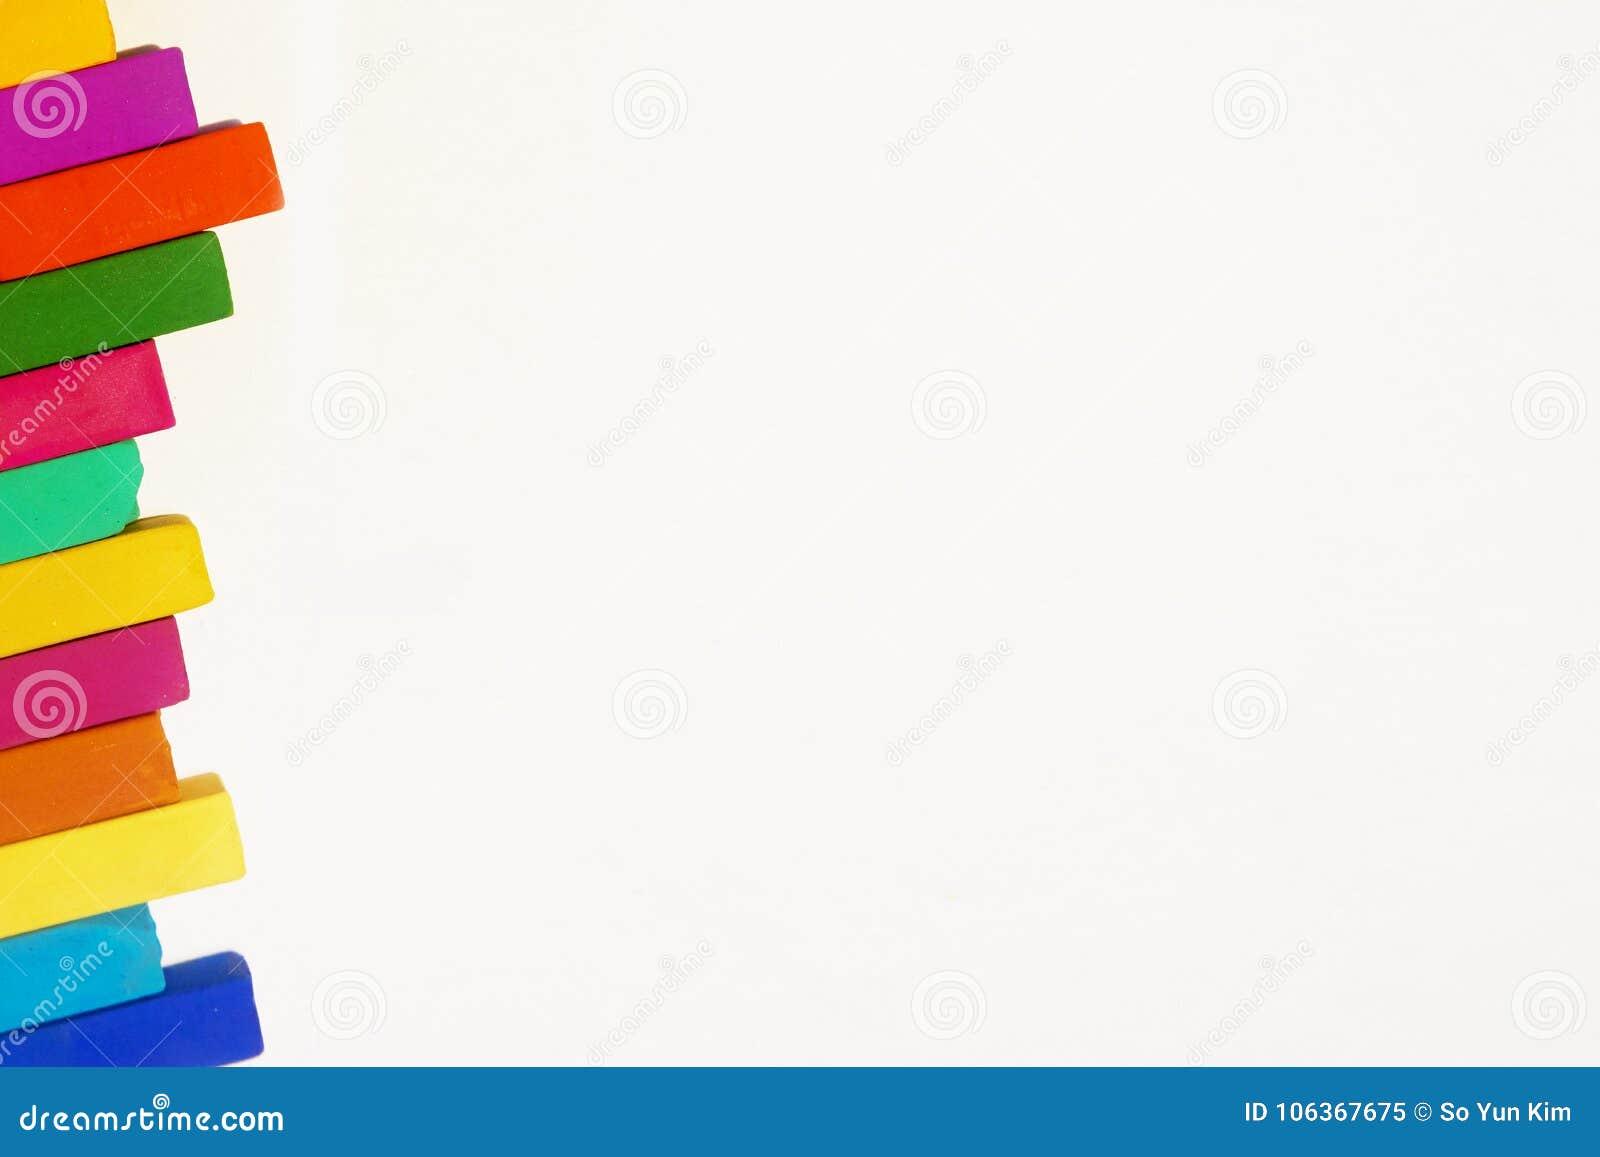 Il y a beaucoup de pastels colorés côte à côte